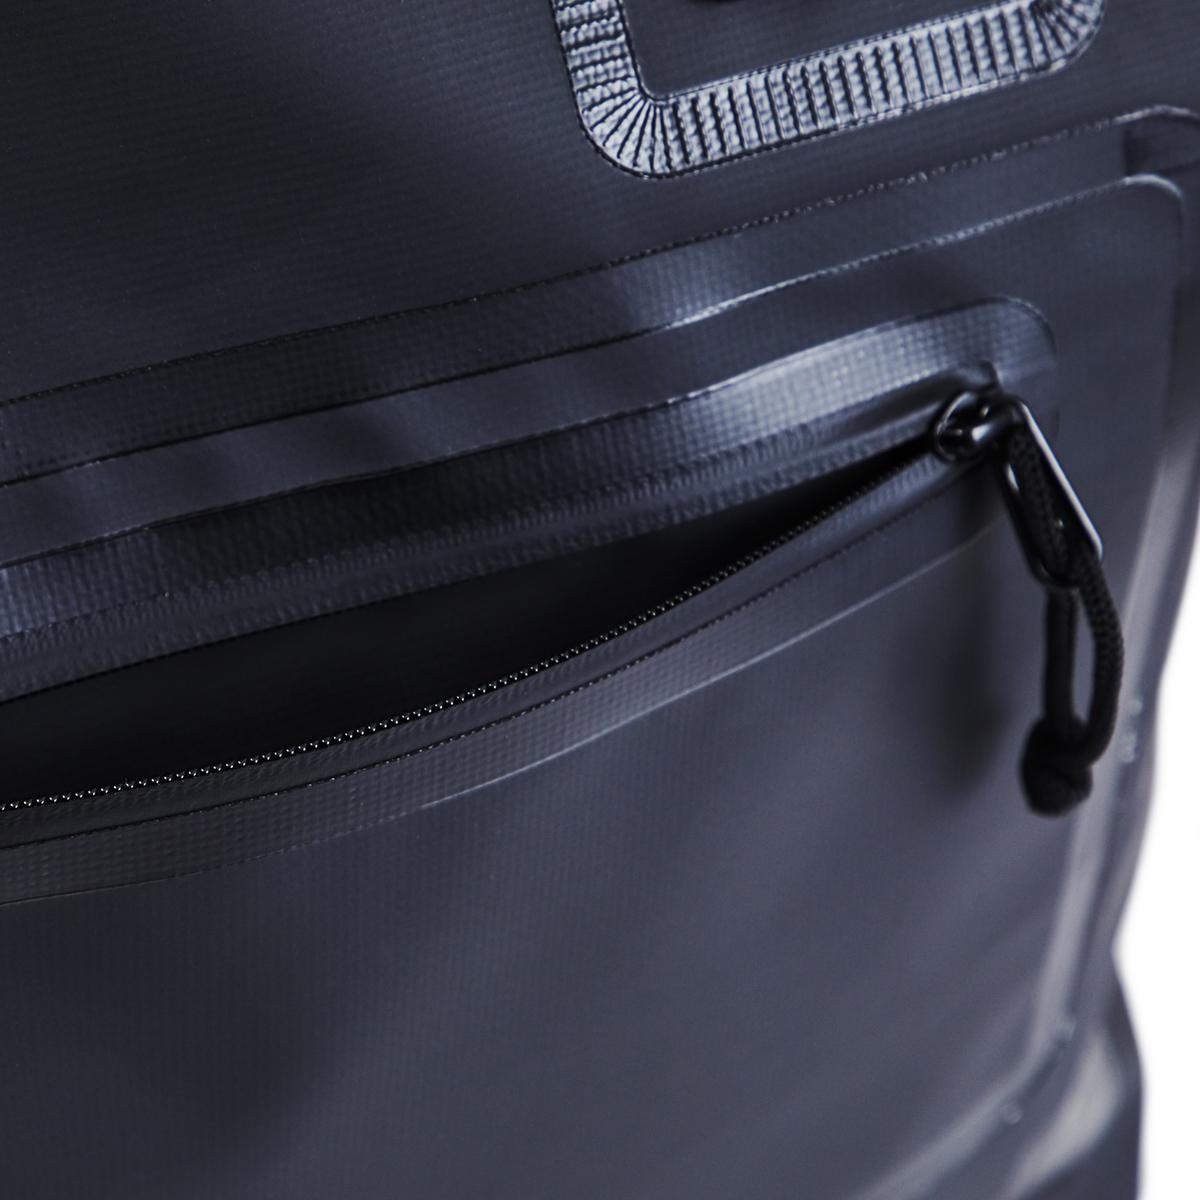 西海岸生まれの「都会派バッグ」 《トートバッグ》ウェットスーツの発明者が作った、防水・デザイン両立の「都会派バッグ」  BODY GLOVE